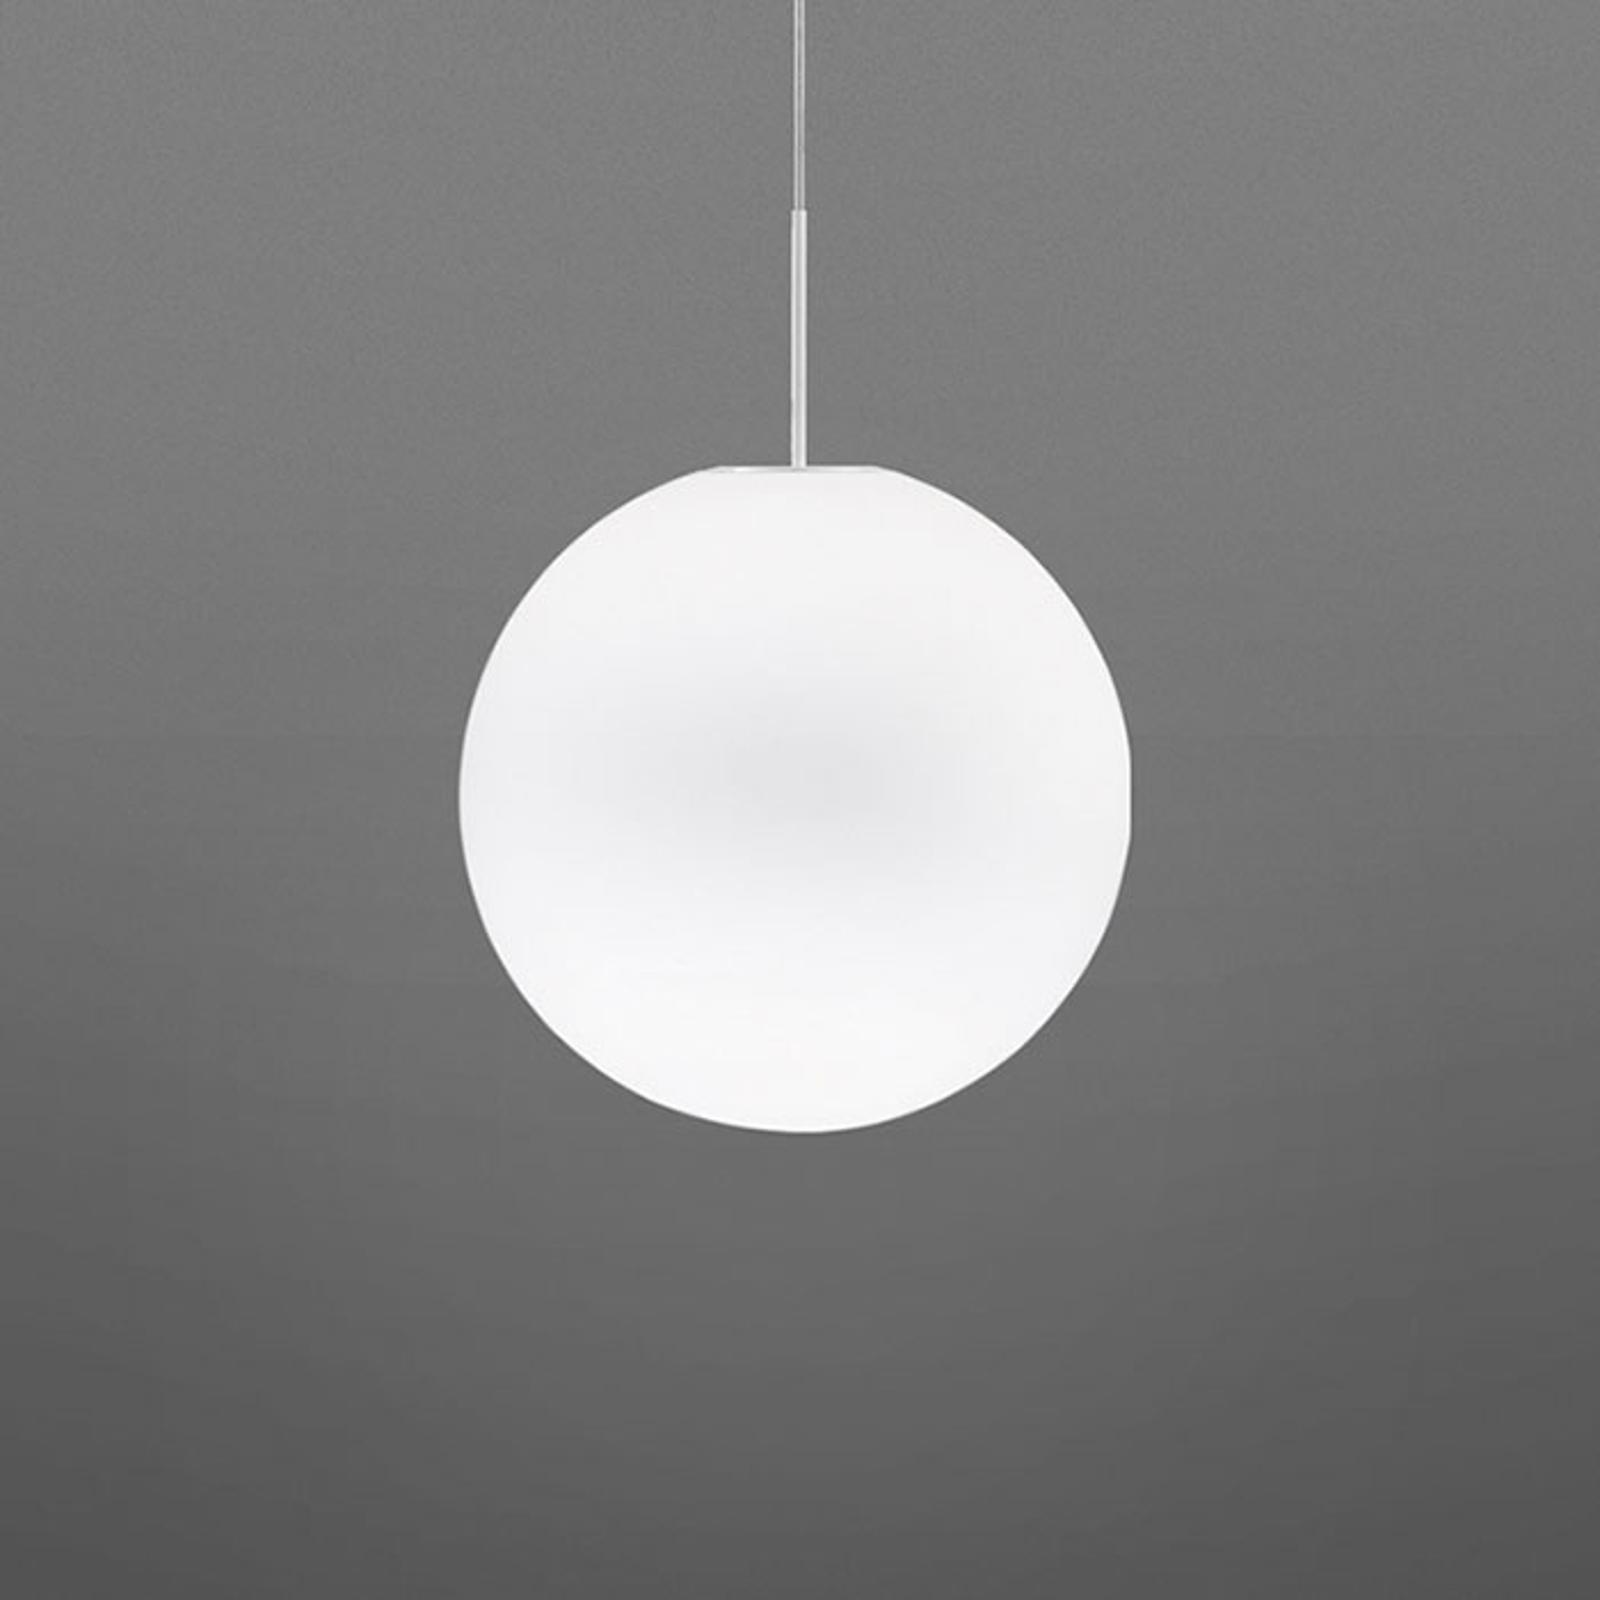 Fabbian Lumi Sfera szklana lampa wisząca, Ø 14 cm